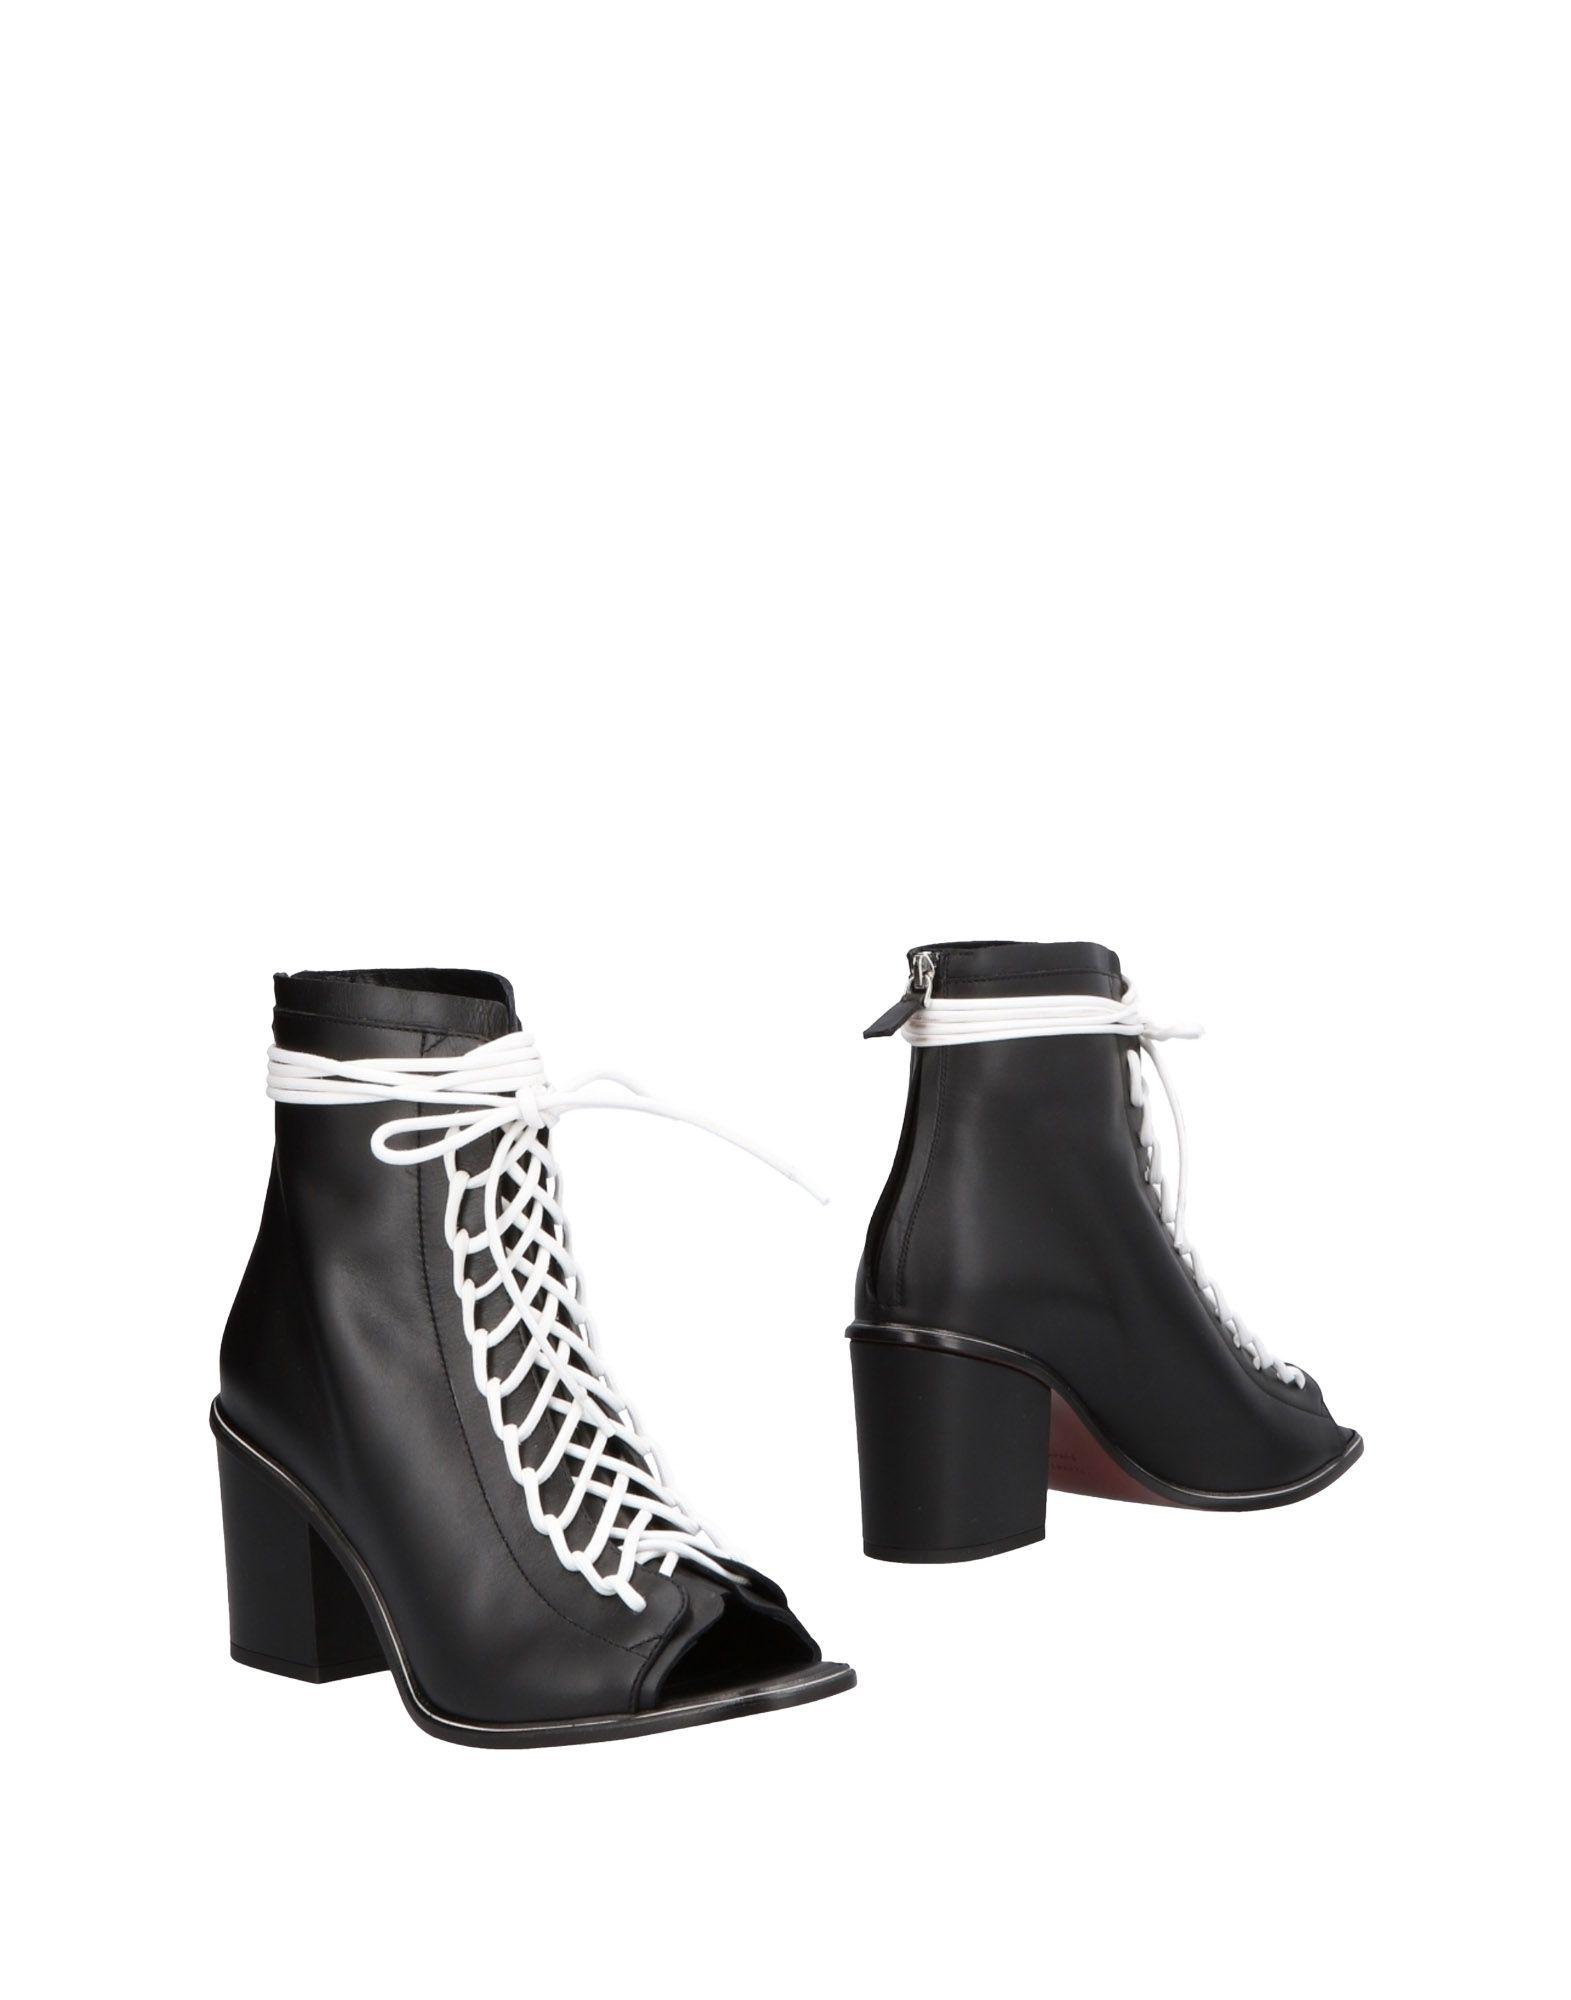 Proenza Schouler Stiefelette Damen  11483170QUGünstige gut aussehende Schuhe